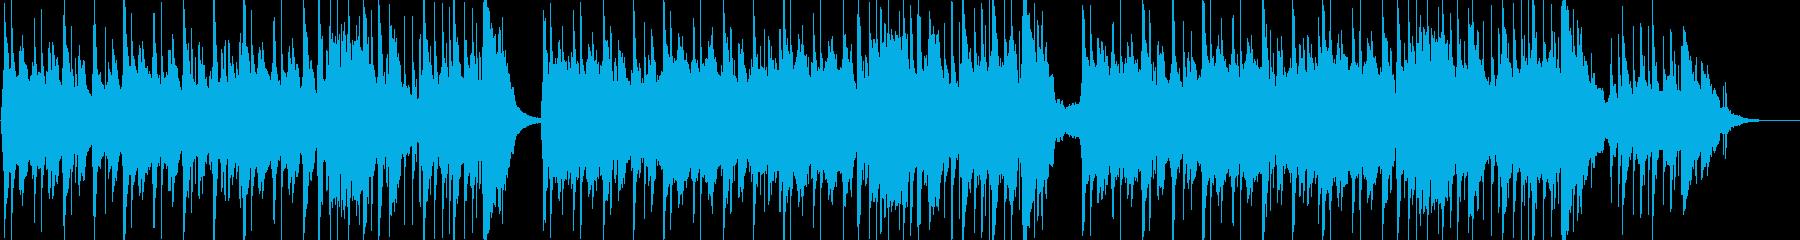 優しくて切ないアコースティックギター曲の再生済みの波形